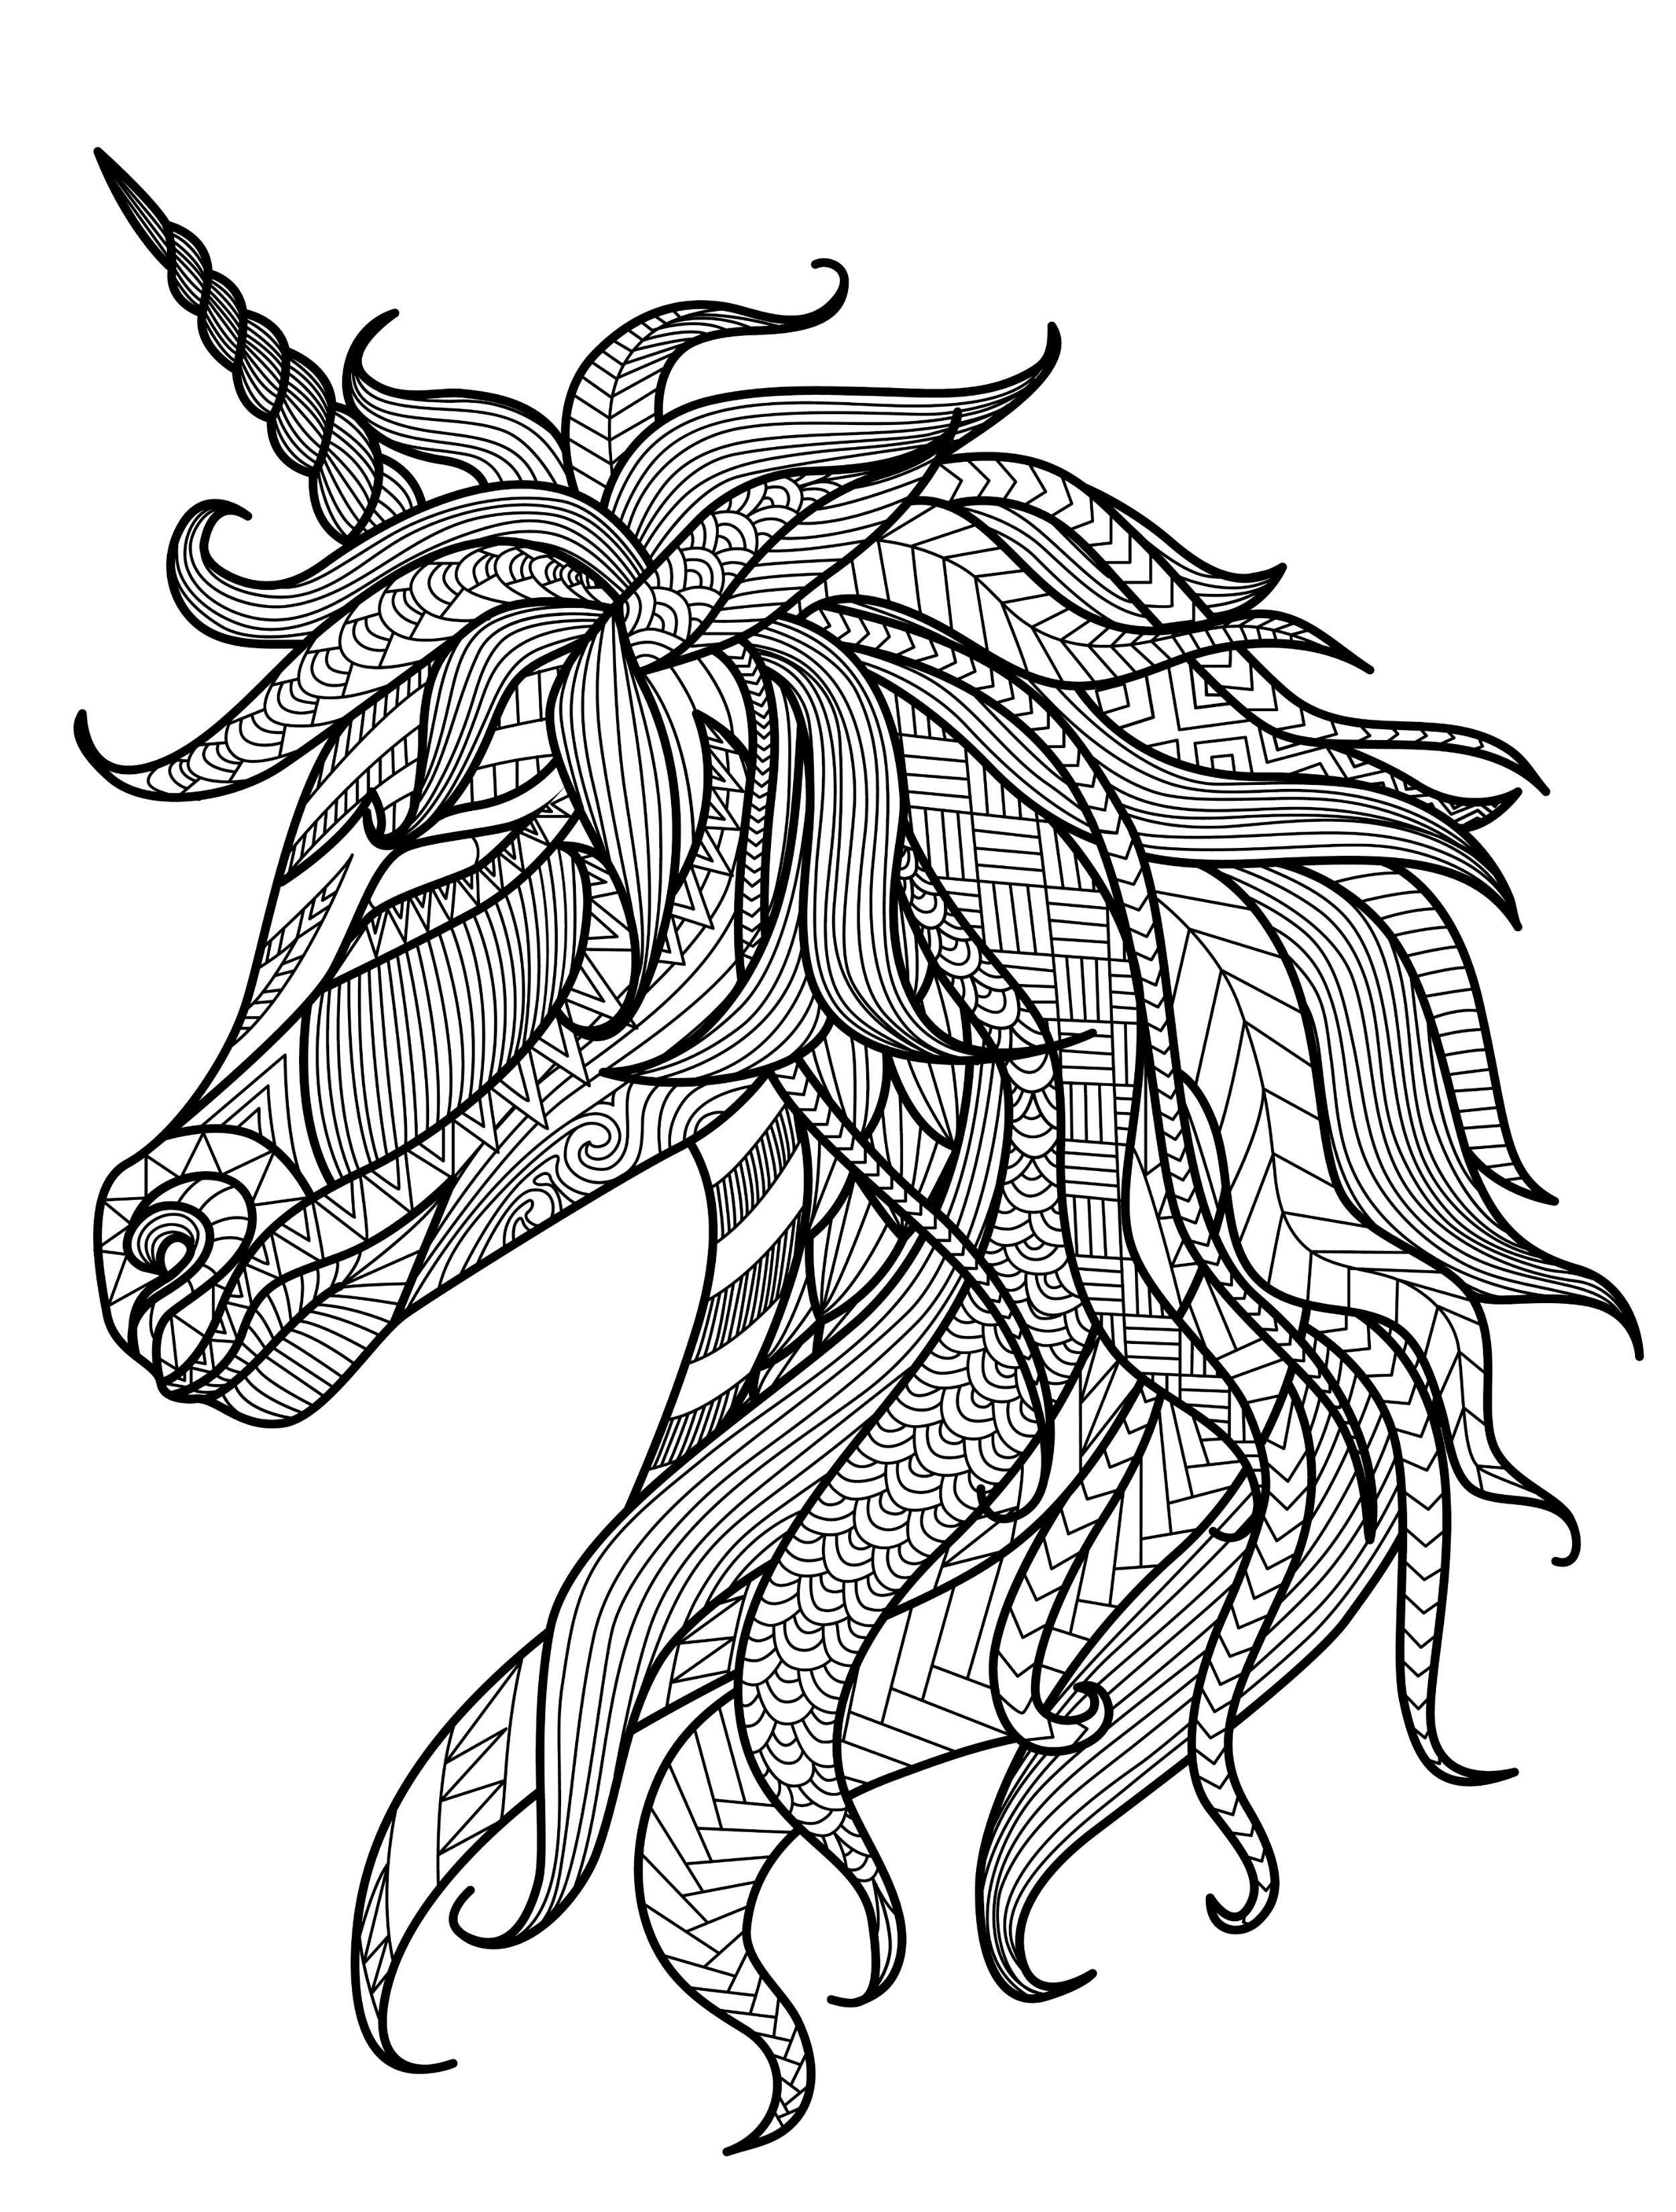 Bildergebnis Fur Ausmalbilder Einhorn Malvorlagen Pferde Mandala Malvorlagen Malvorlagen Tiere